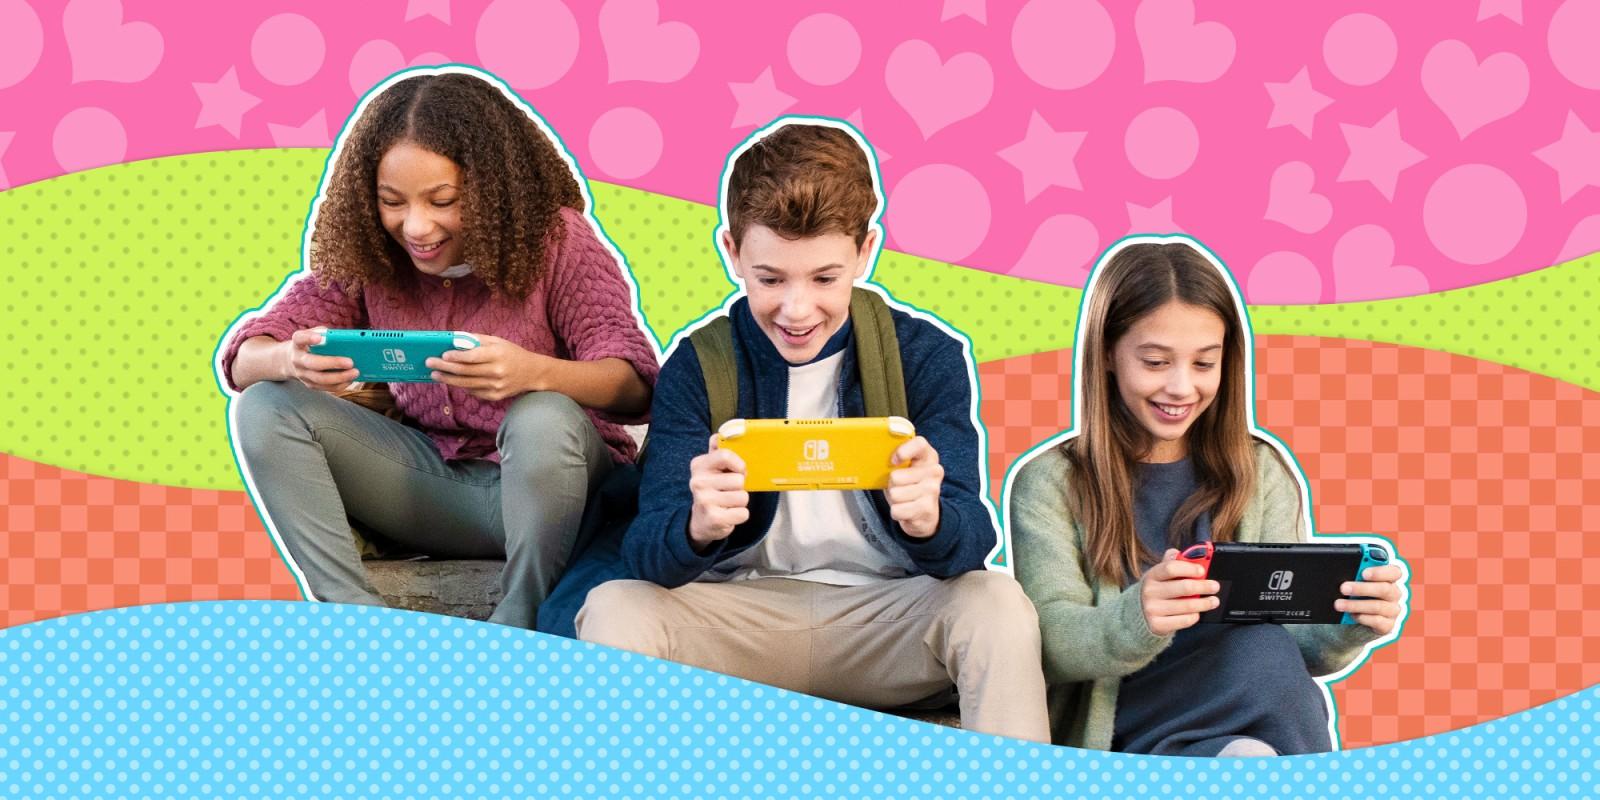 Nintendo-Spiele für Kinder   Nintendo